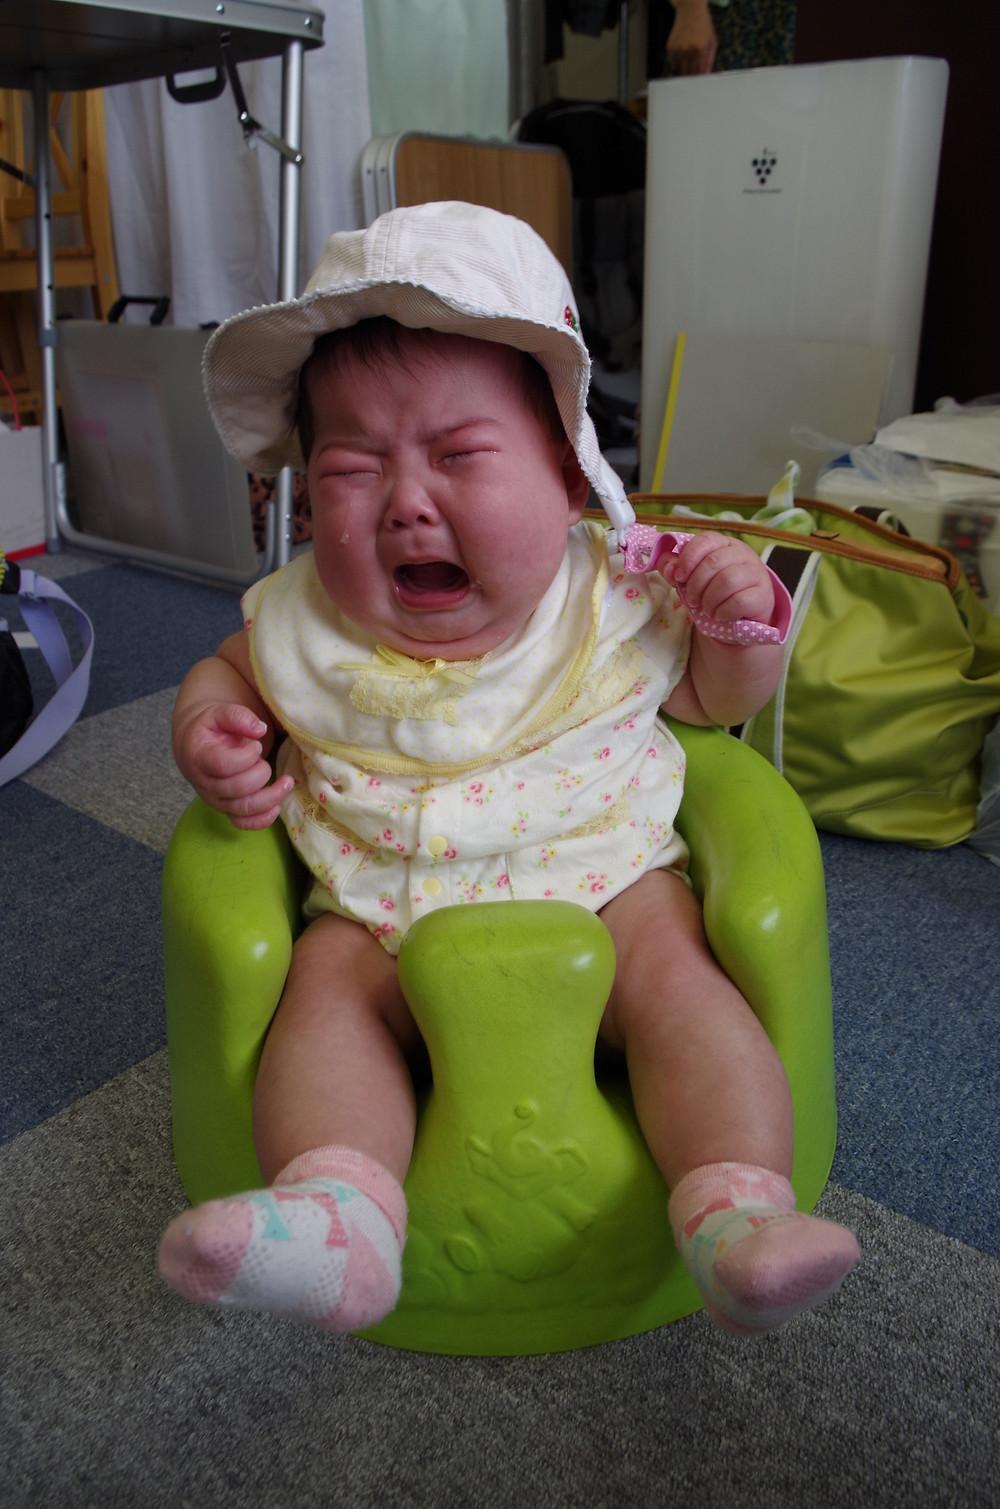 赤ちゃんの泣き顔かわいい